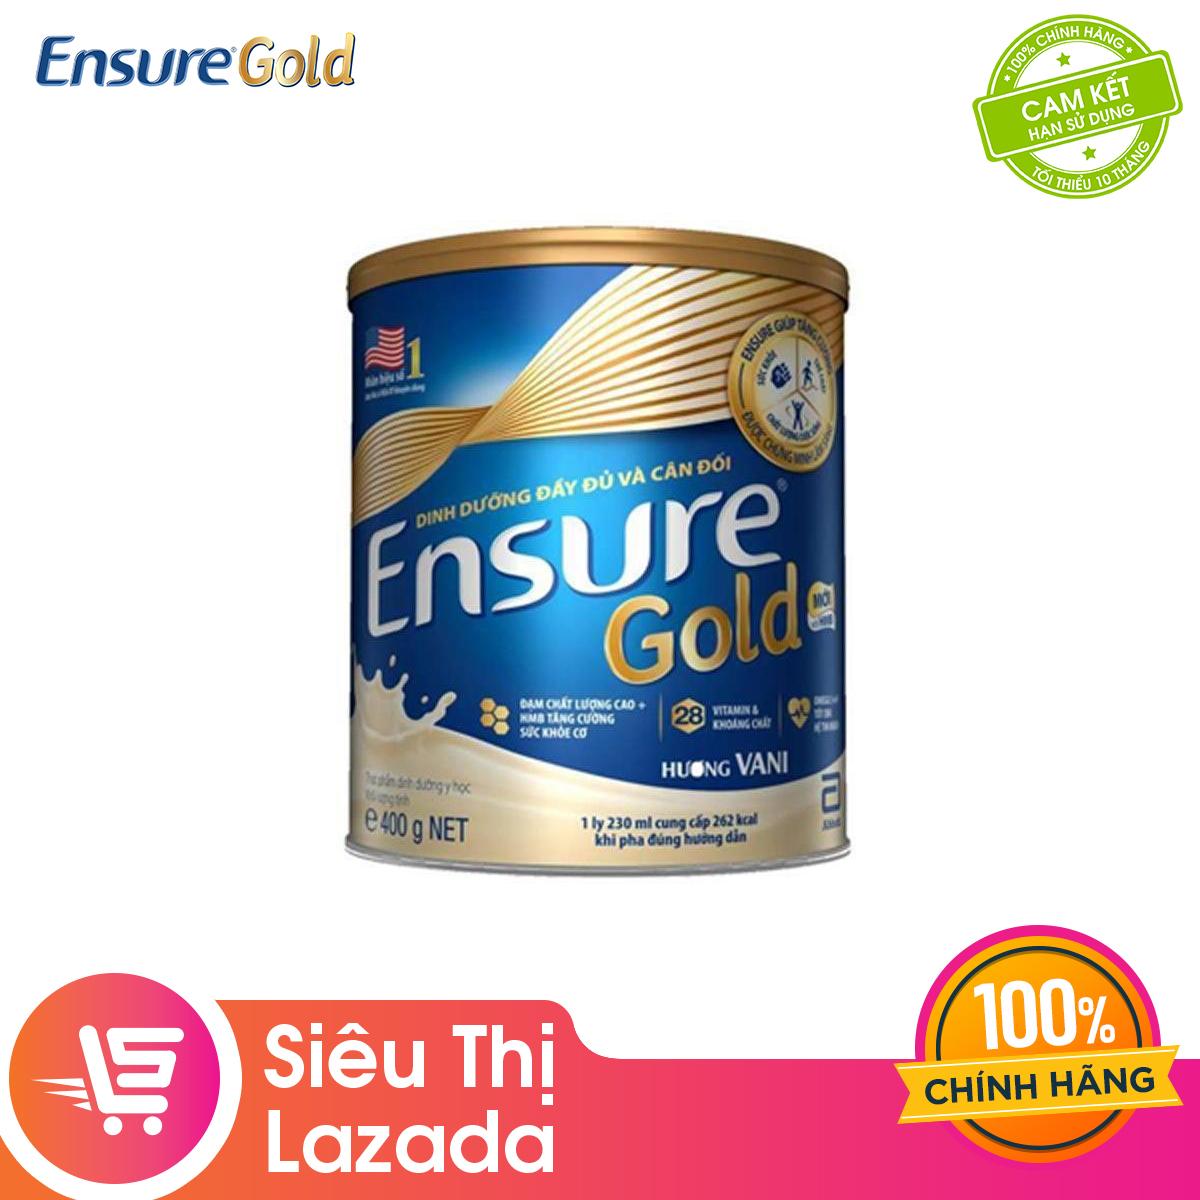 Giá Tiết Kiệm Để Sở Hữu Ngay [MUA 2 GIẢM 20K] Lon Sữa Bột Ensure Gold Hương Vani 400g